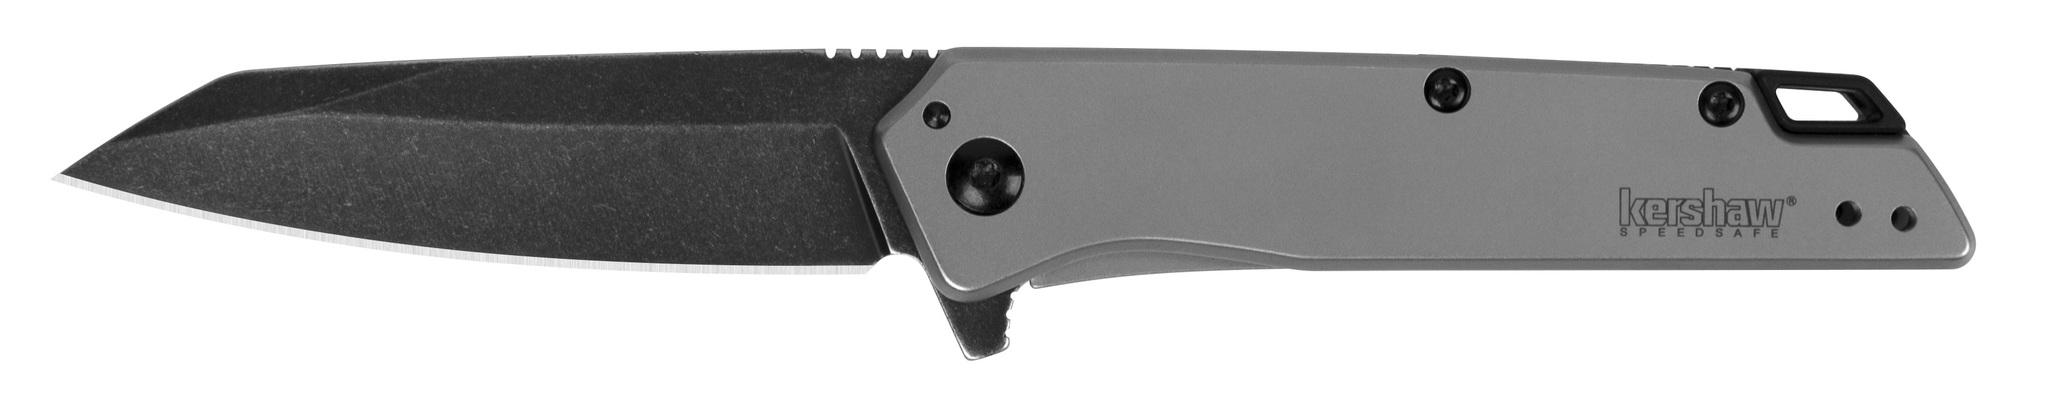 Фото - Складной нож Misdirect KERSHAW 1365, лезвие сталь 4Cr13, рукоять сталь 410